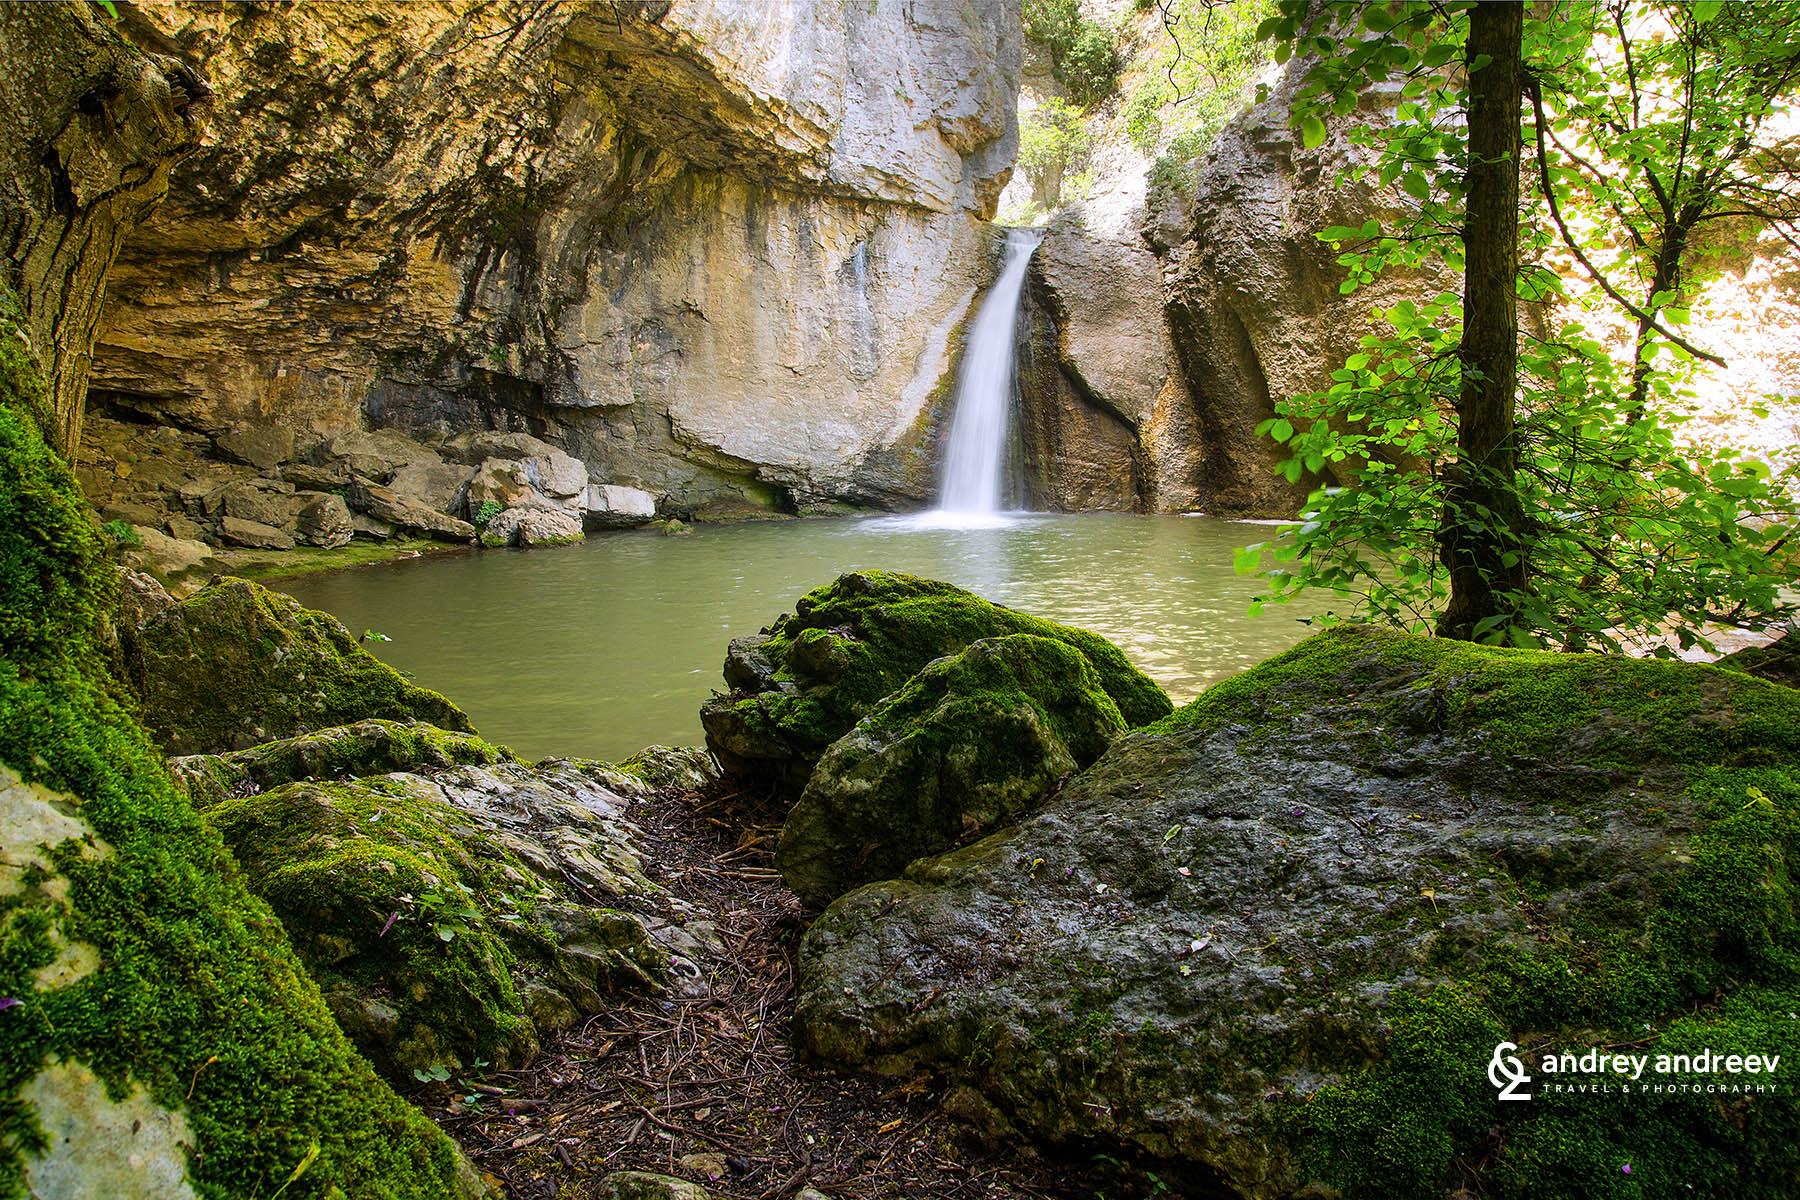 Водопад Момин Скок / Waterfall Momin Skok